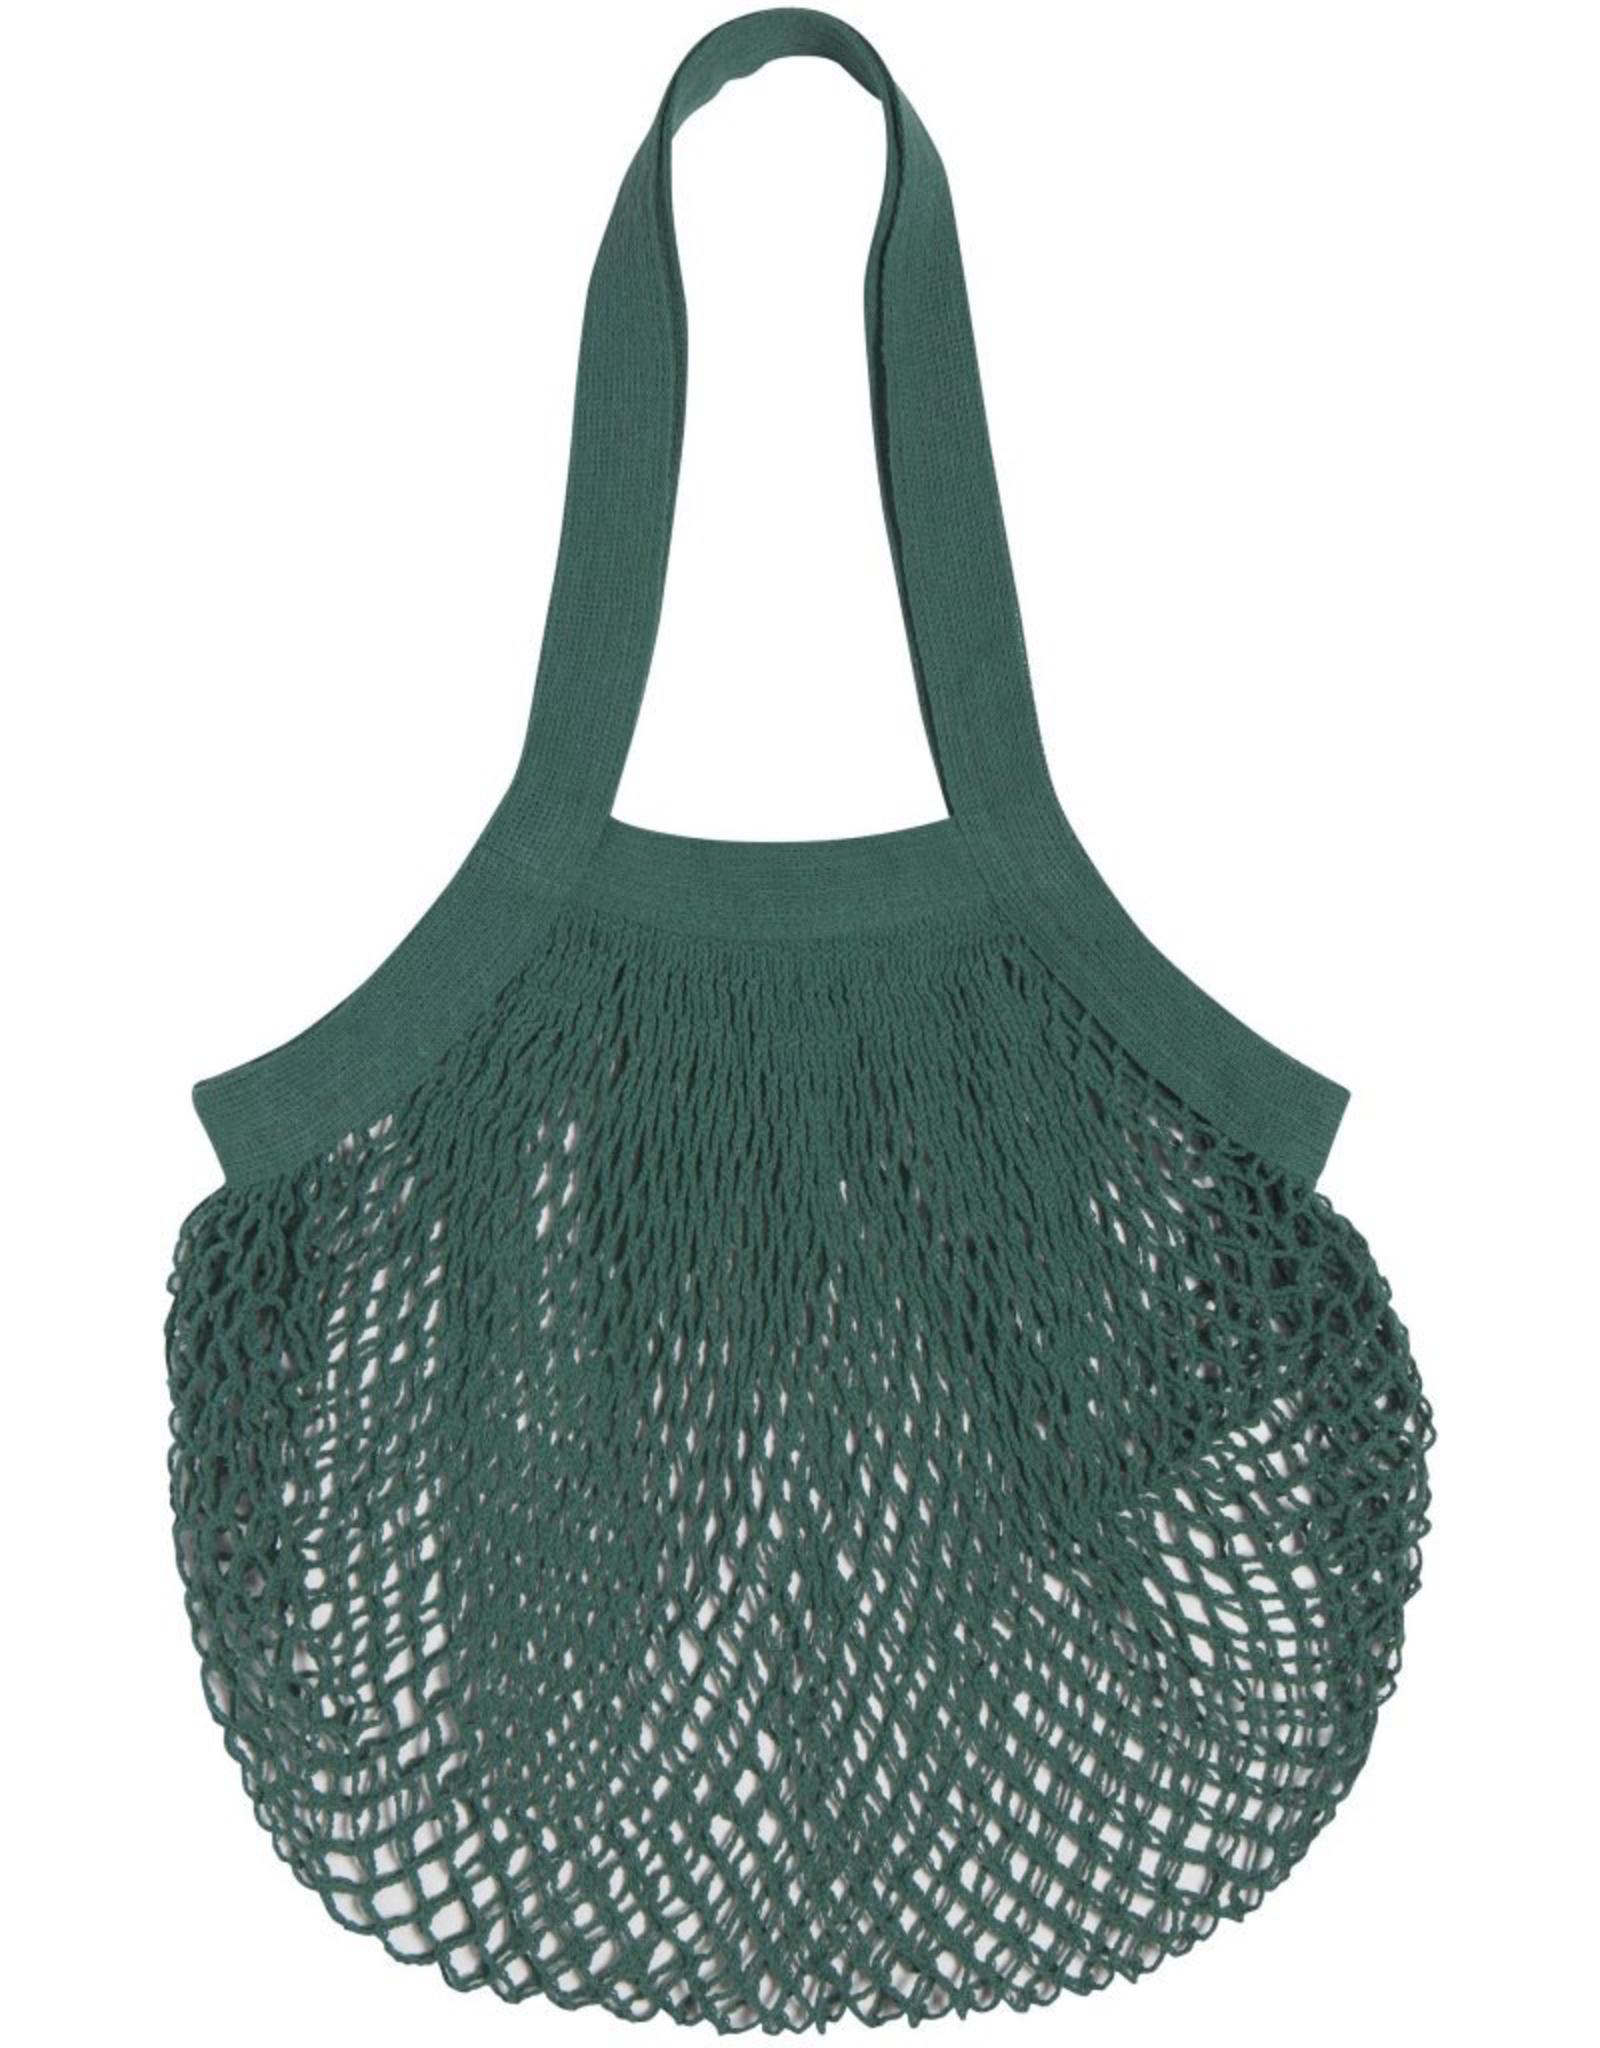 Danica Danica Le Marche Shopping Bag-Pine